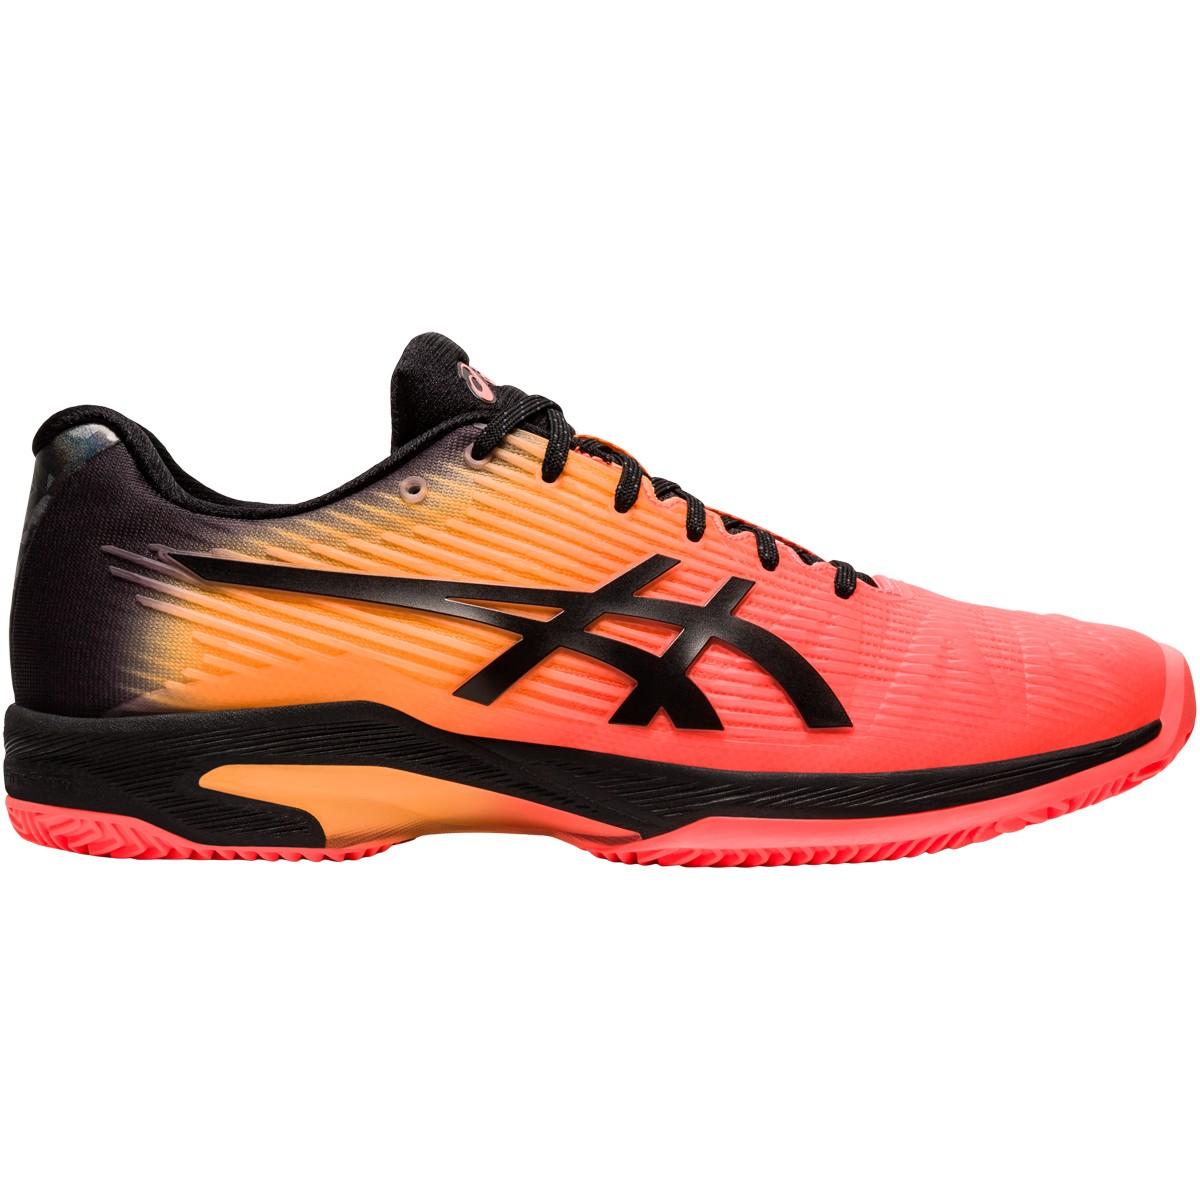 chaussures asics tennis terre battue